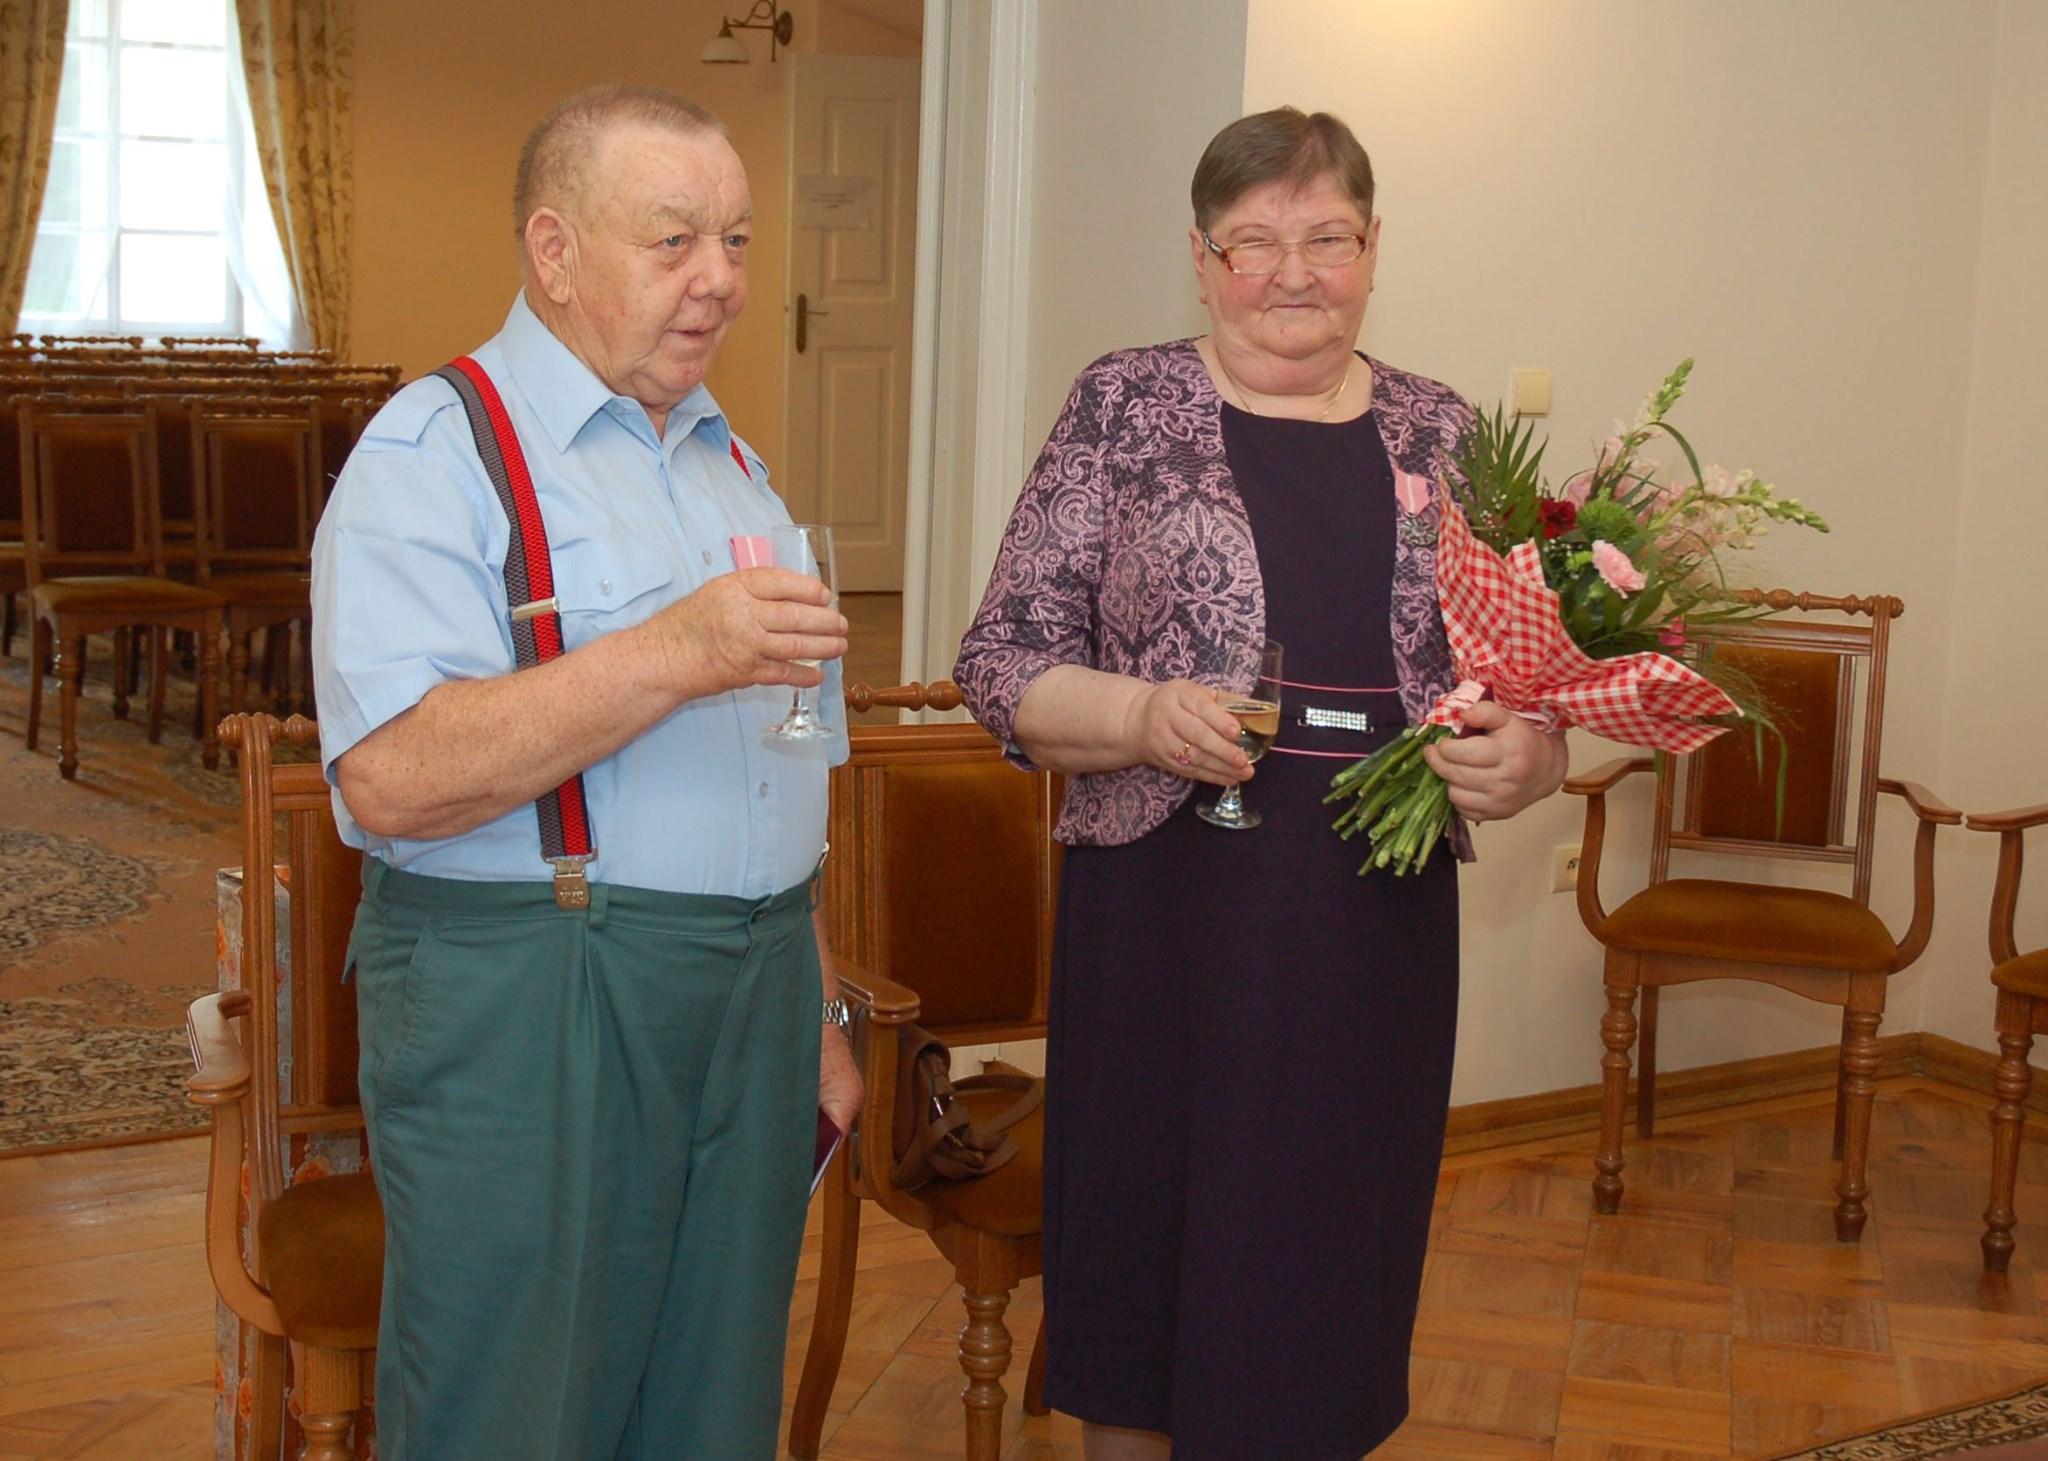 Kwiaty, toasty i medale Prezydenta RP. Para z gminy Bełchatów świętowała 50 lat w małżeństwie [FOTO] - Zdjęcie główne